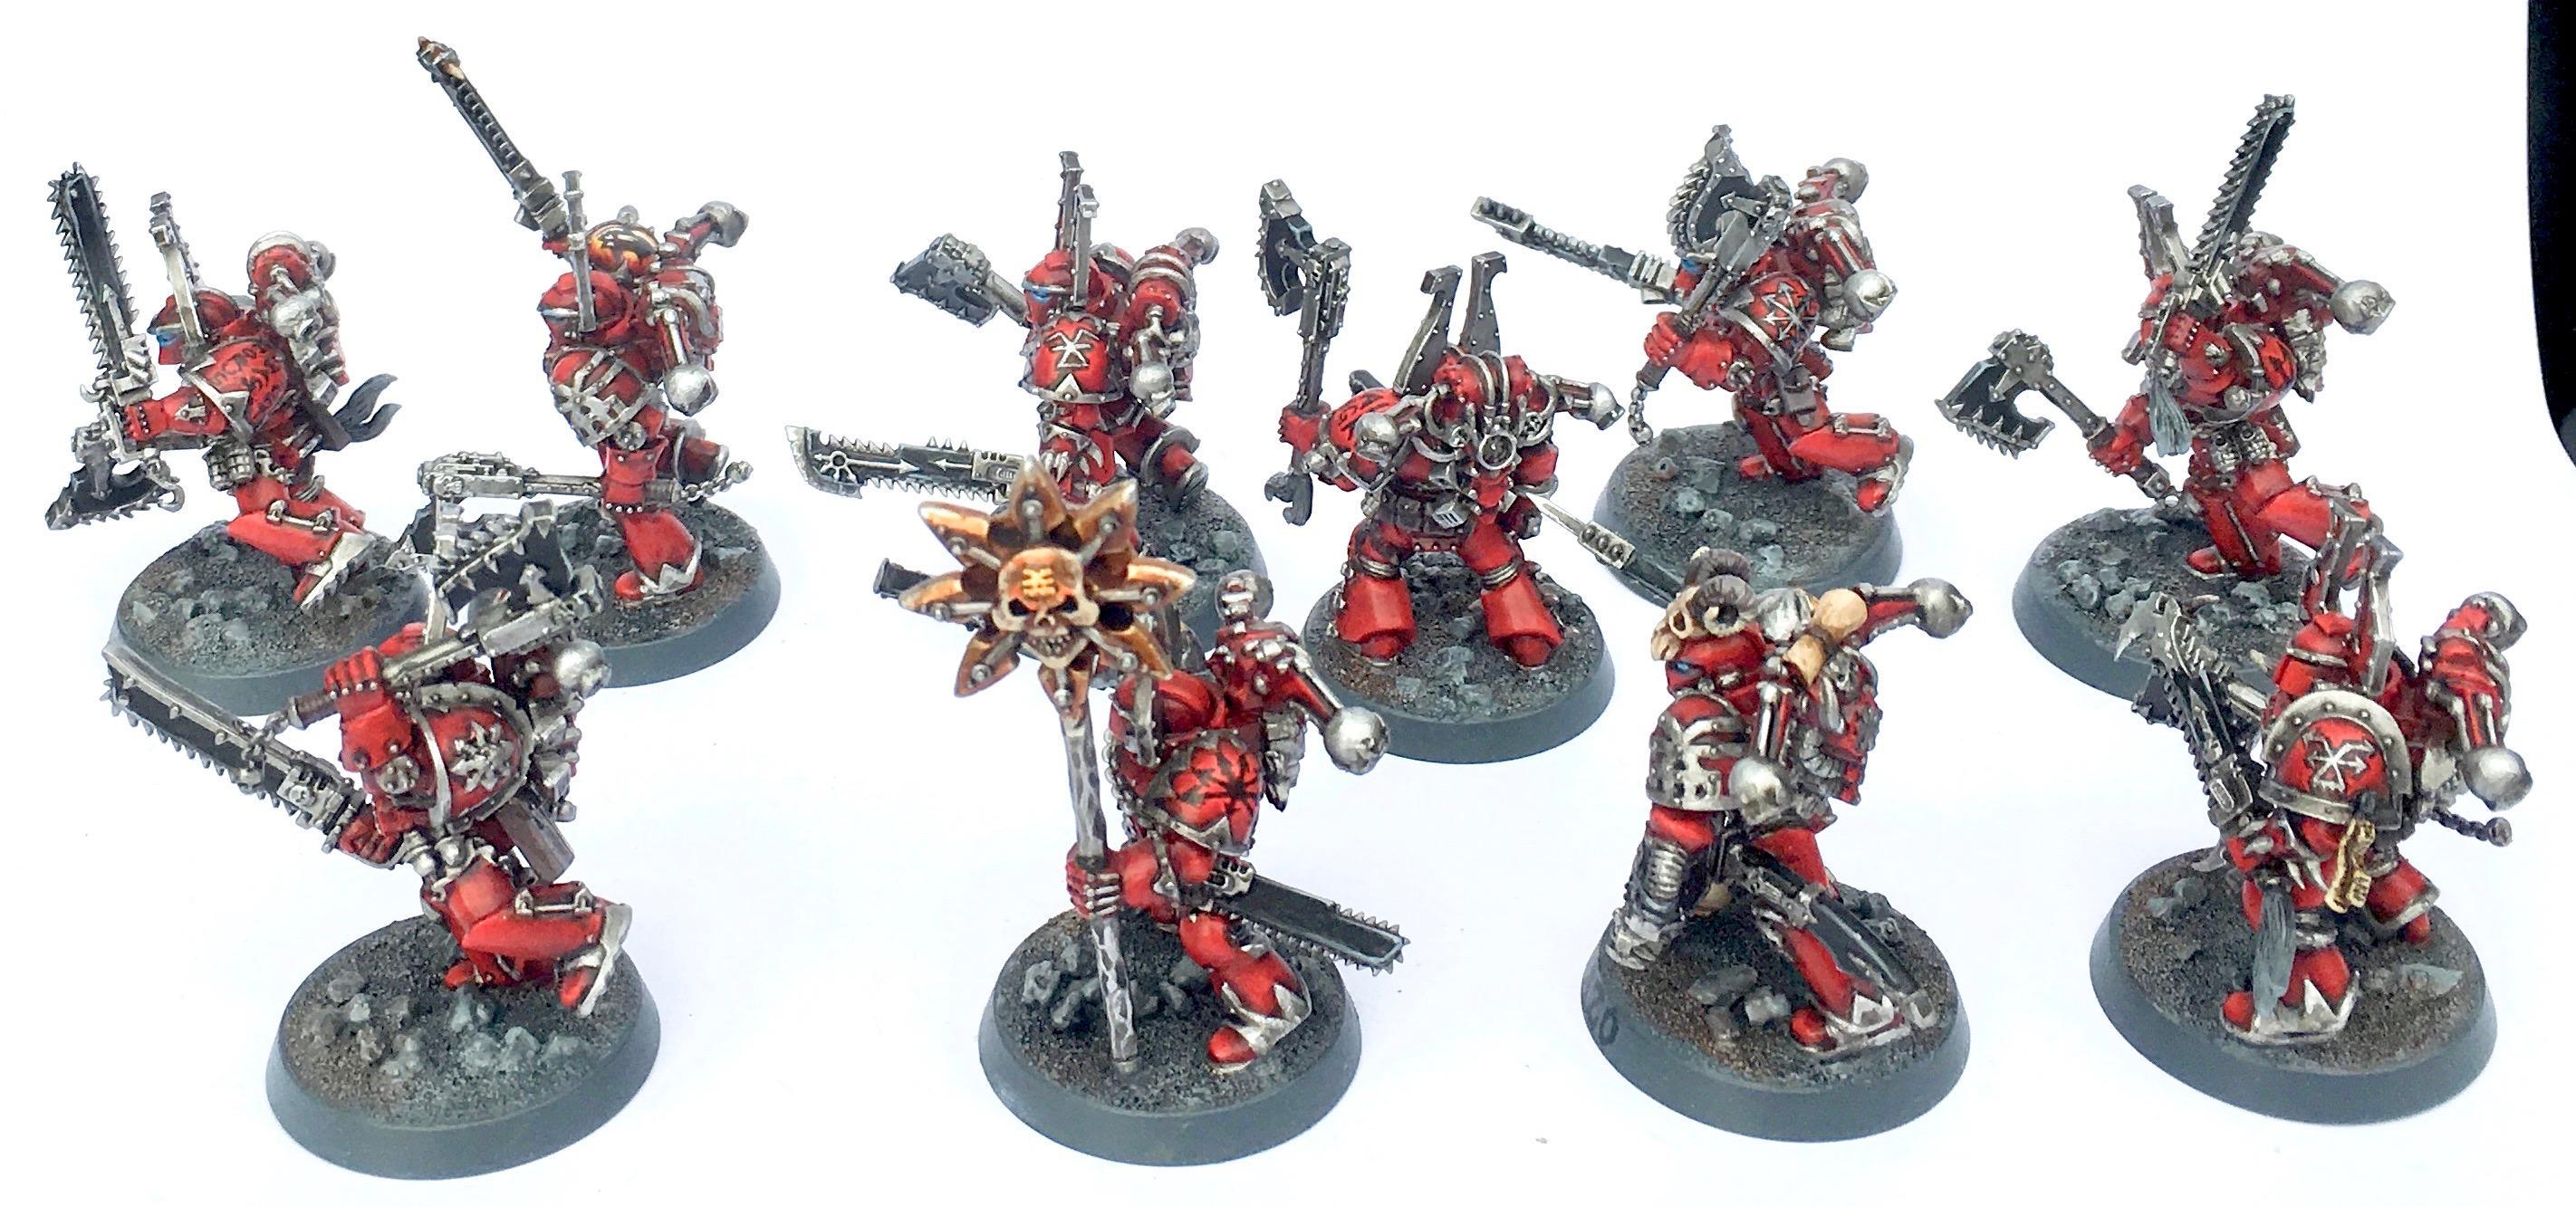 Berserkers, Chaos, Chaos Space Marines, Khorne, Word Bearers